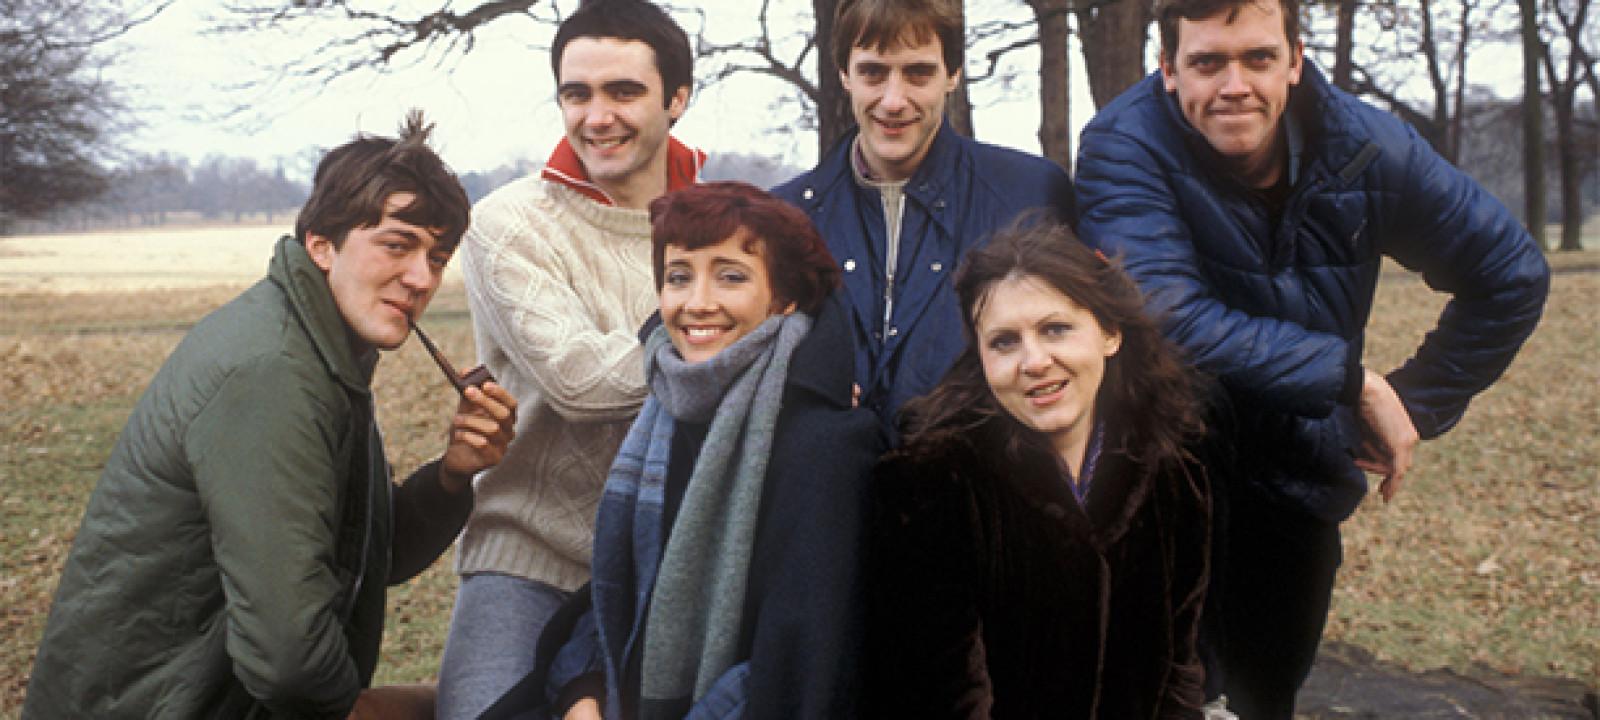 StephenFryGroup1982